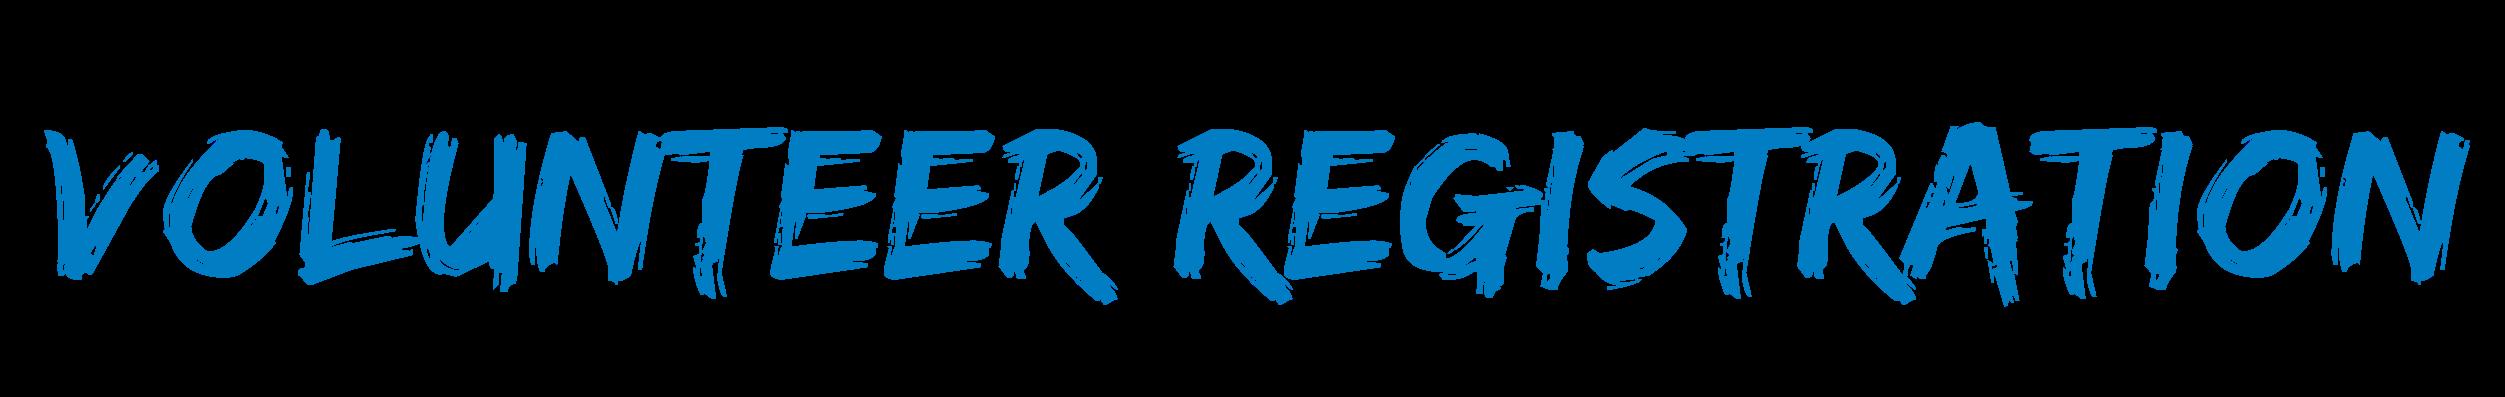 Volunteer Registration